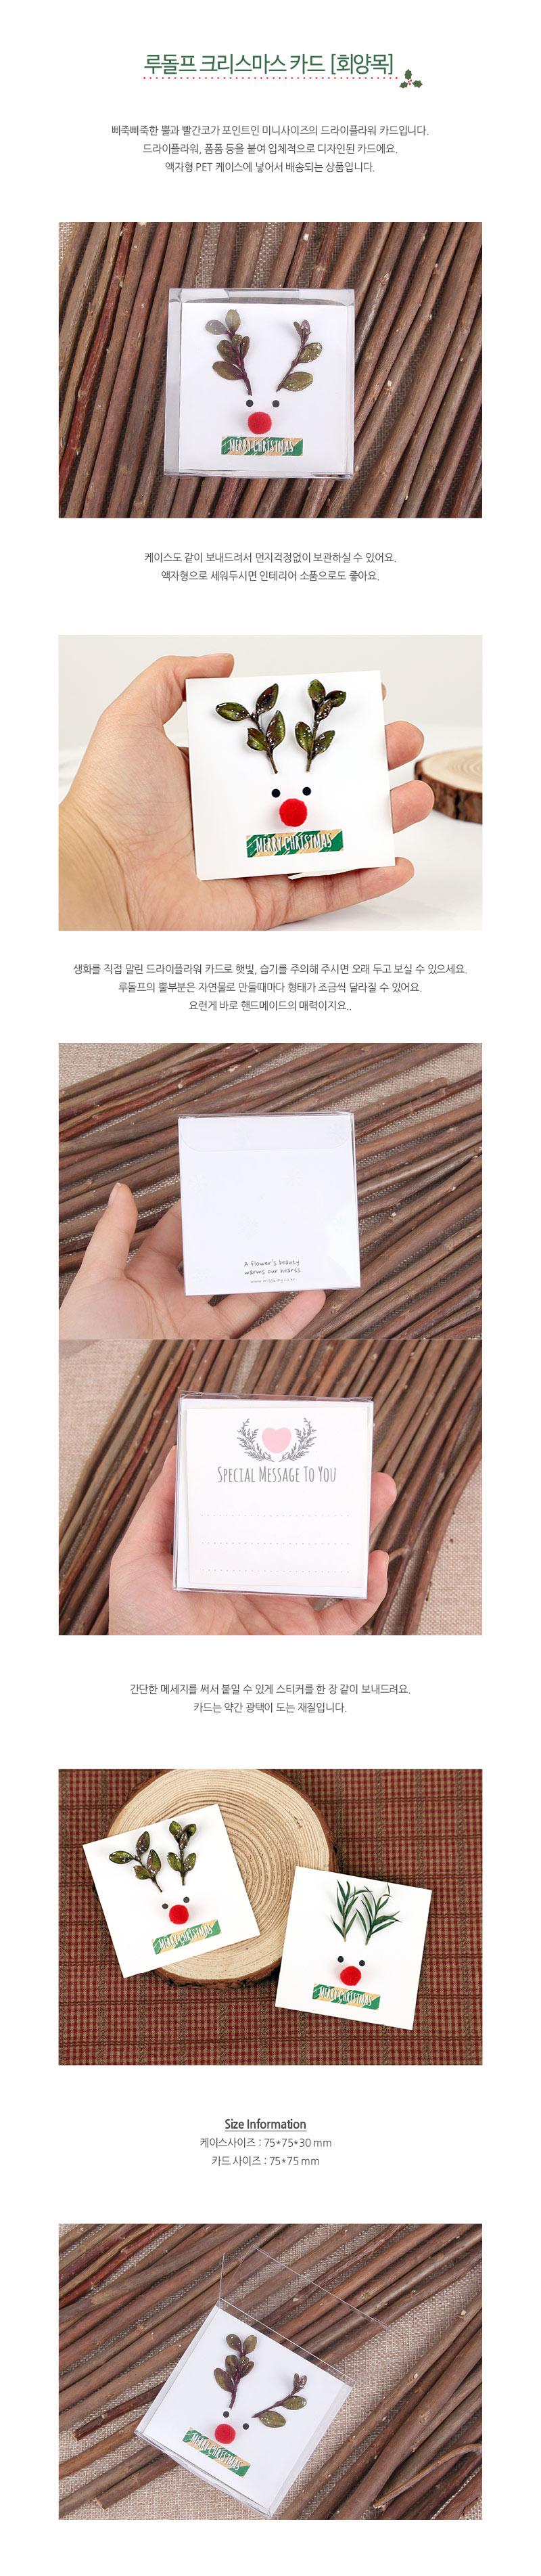 루돌프 크리스마스 카드-회양목 - 미스타이니, 4,500원, 카드, 크리스마스 카드